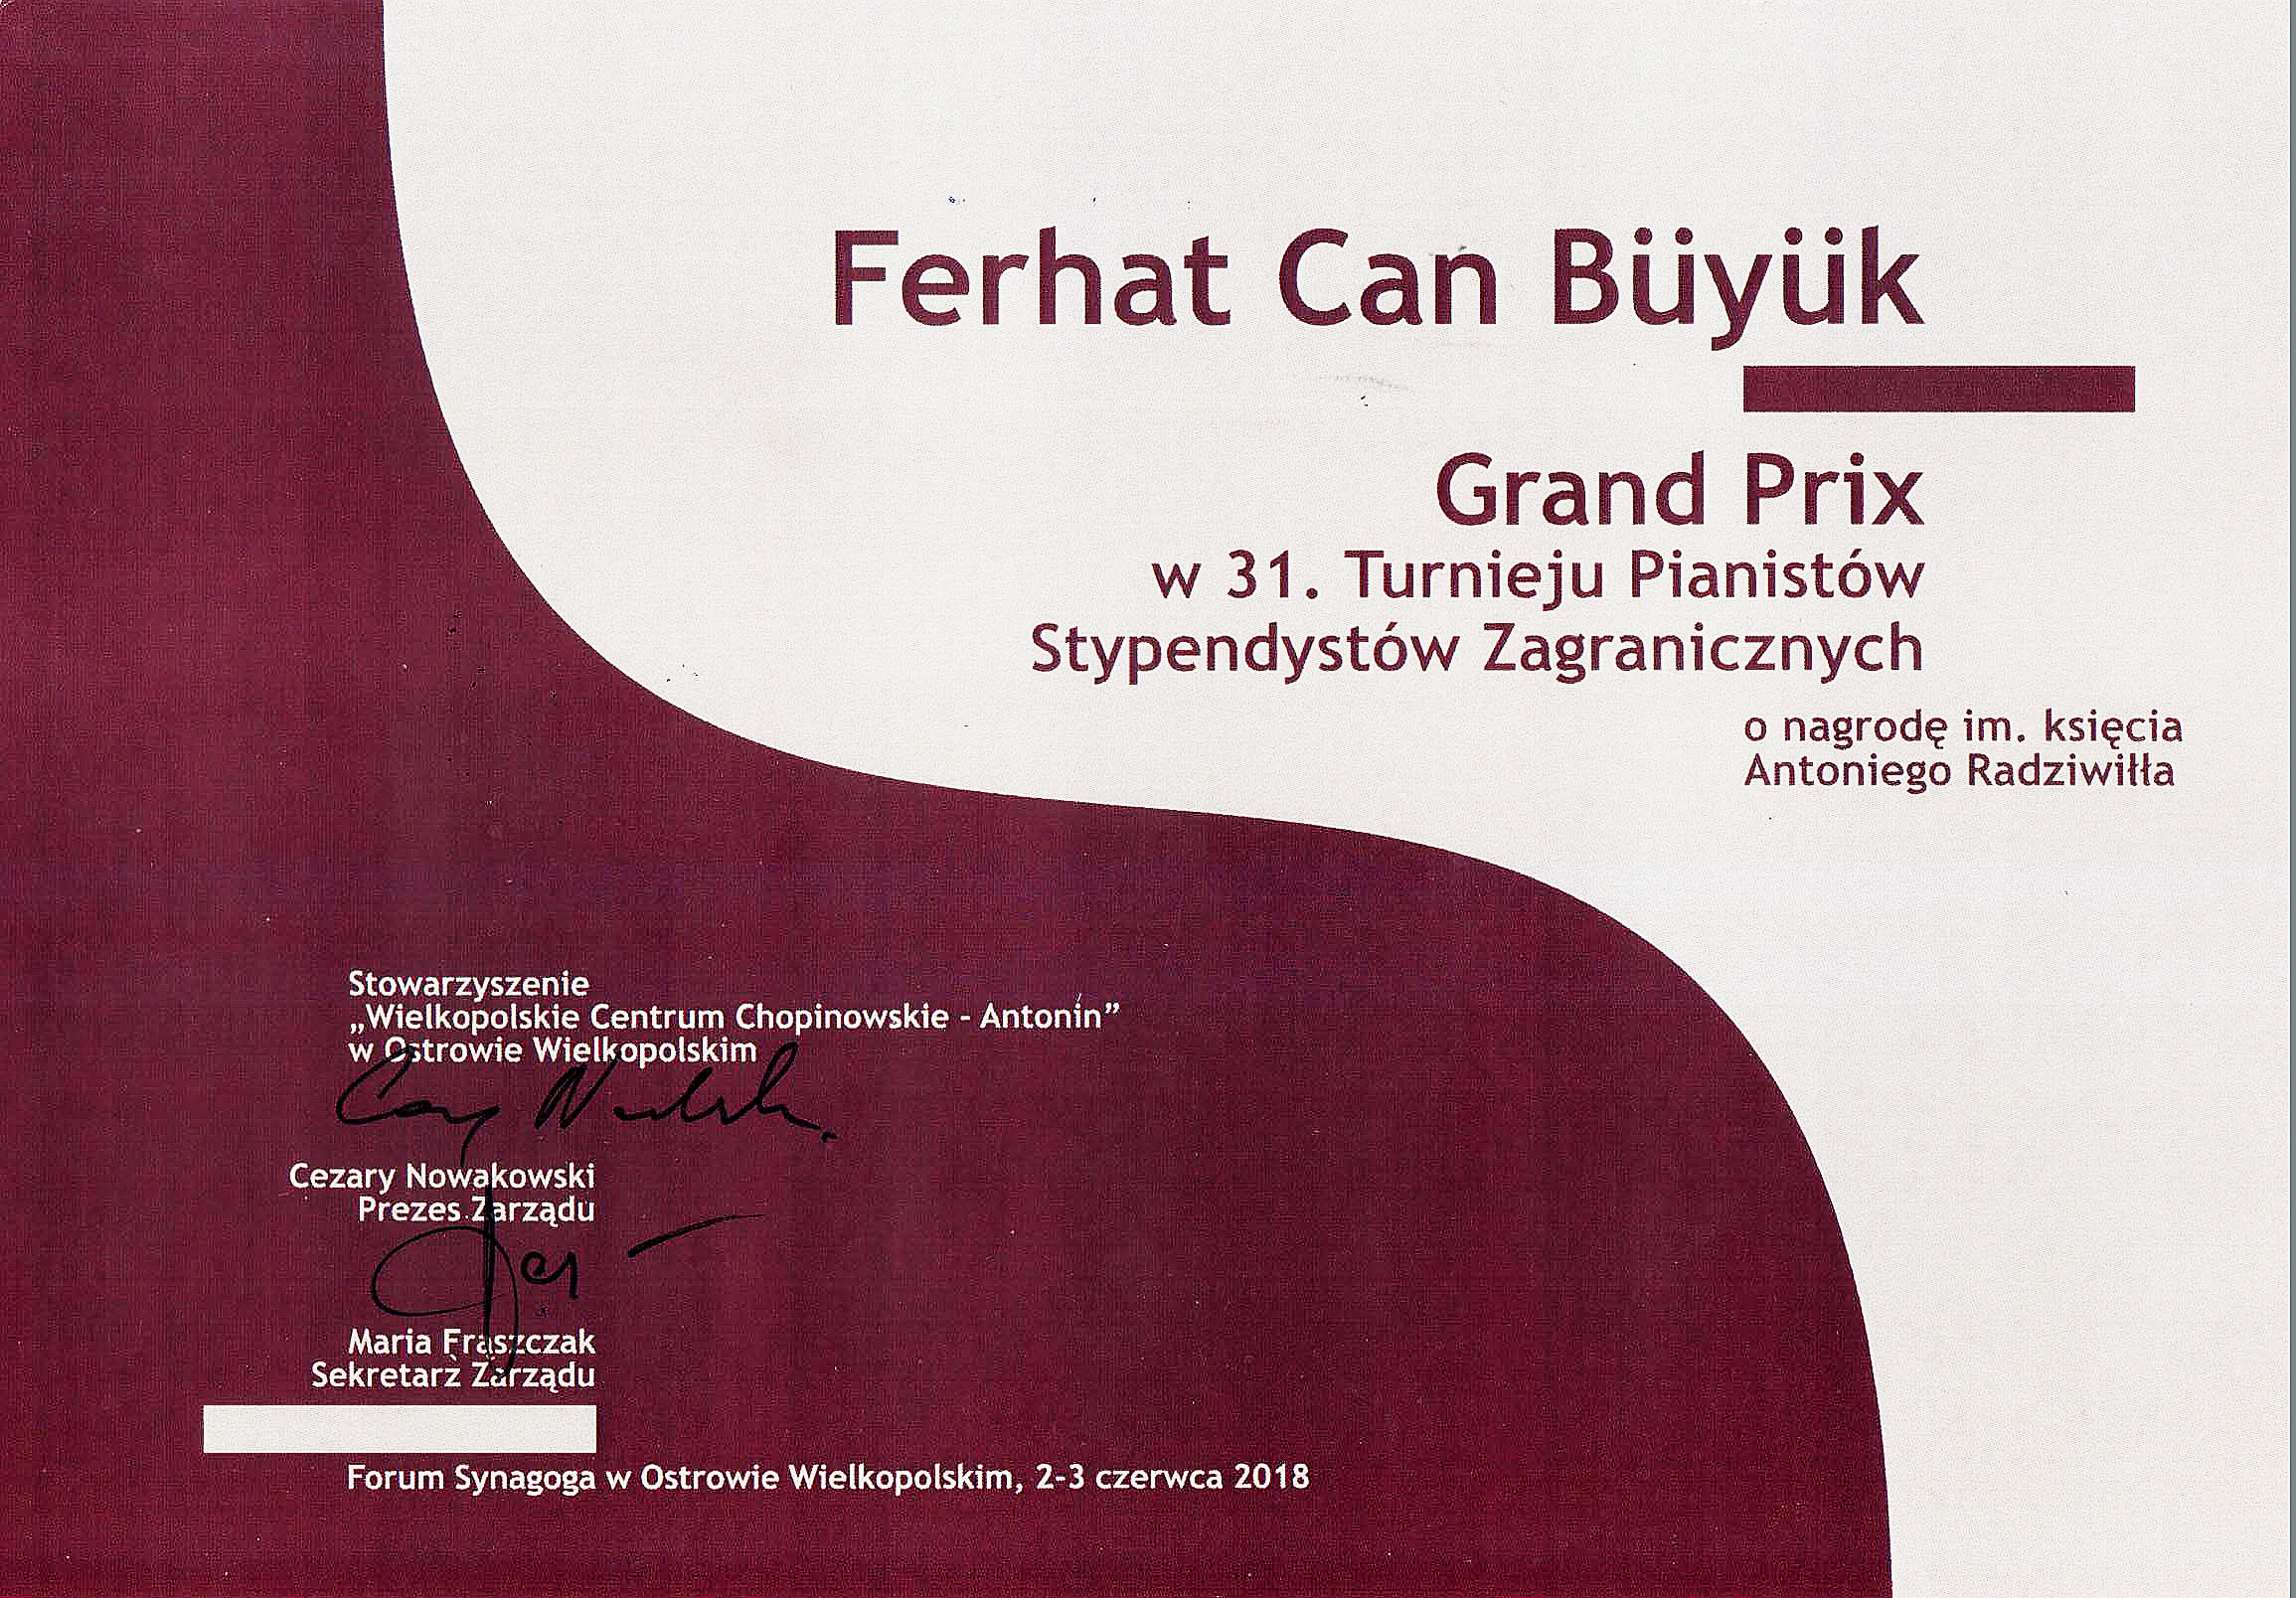 Antonin Grand Prize